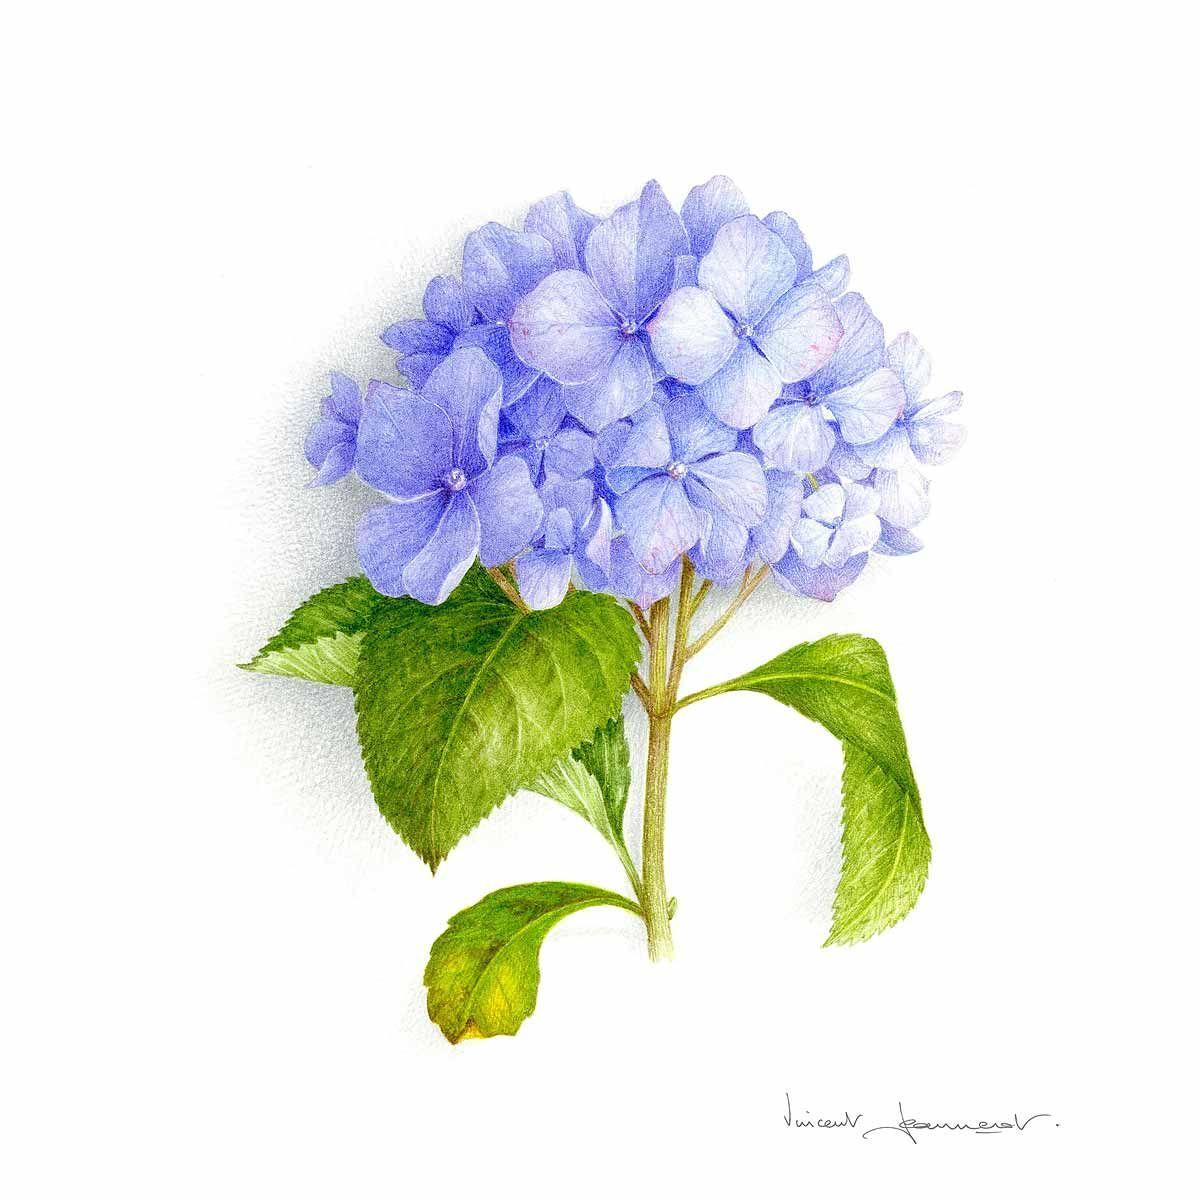 11 Lyubimyj Hudozhnik Botanicheskij Illyustrator Blue Hydrangea